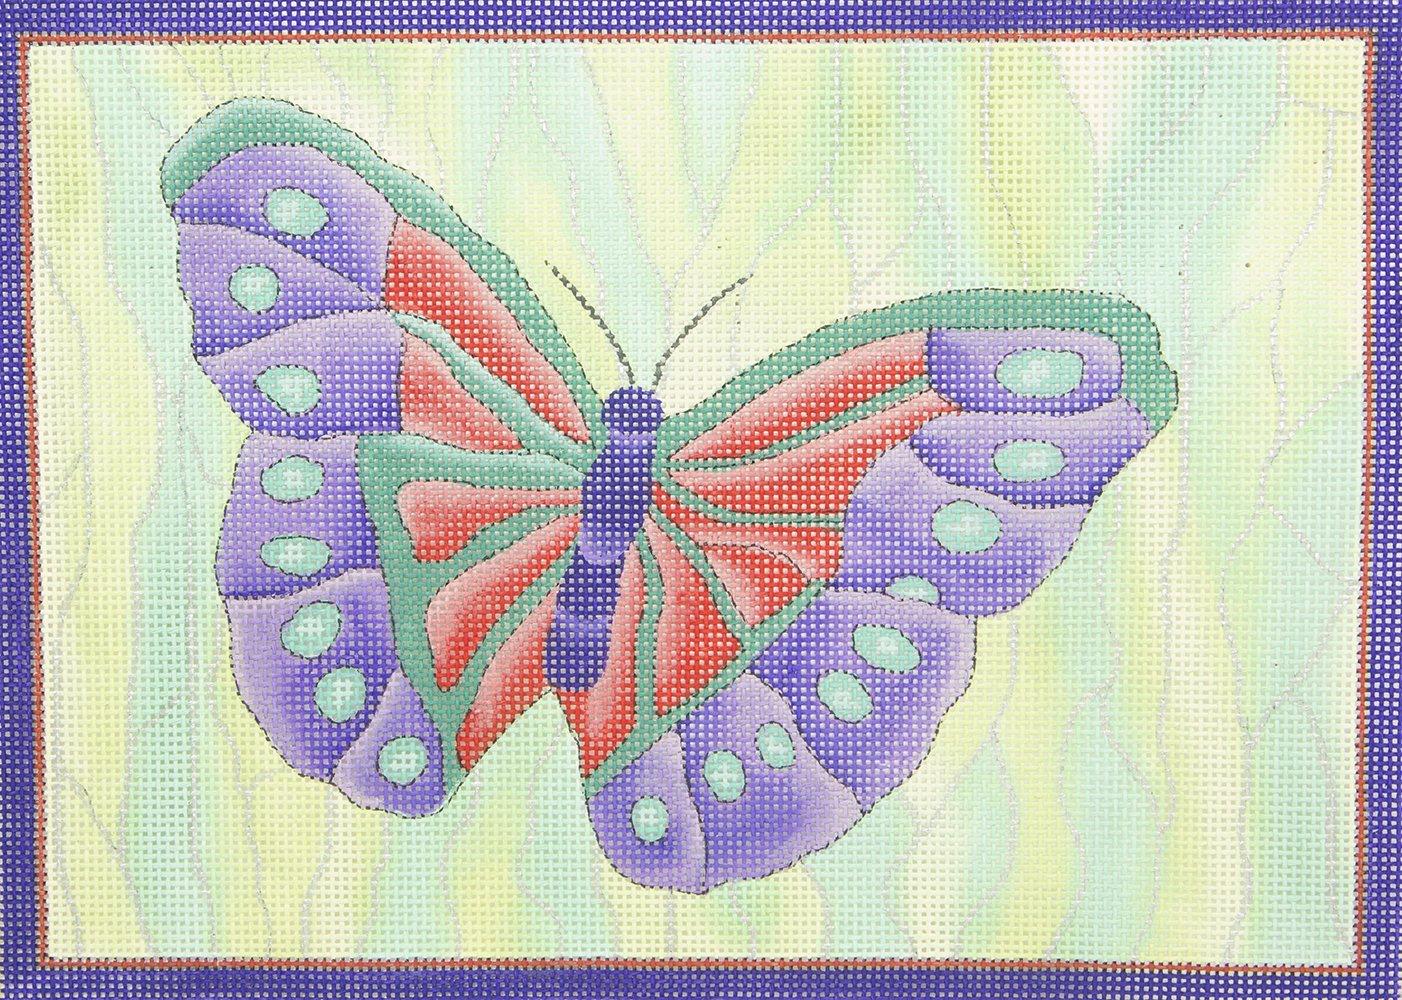 LEG102 Beautiful Butterfly RenaIassance Designs